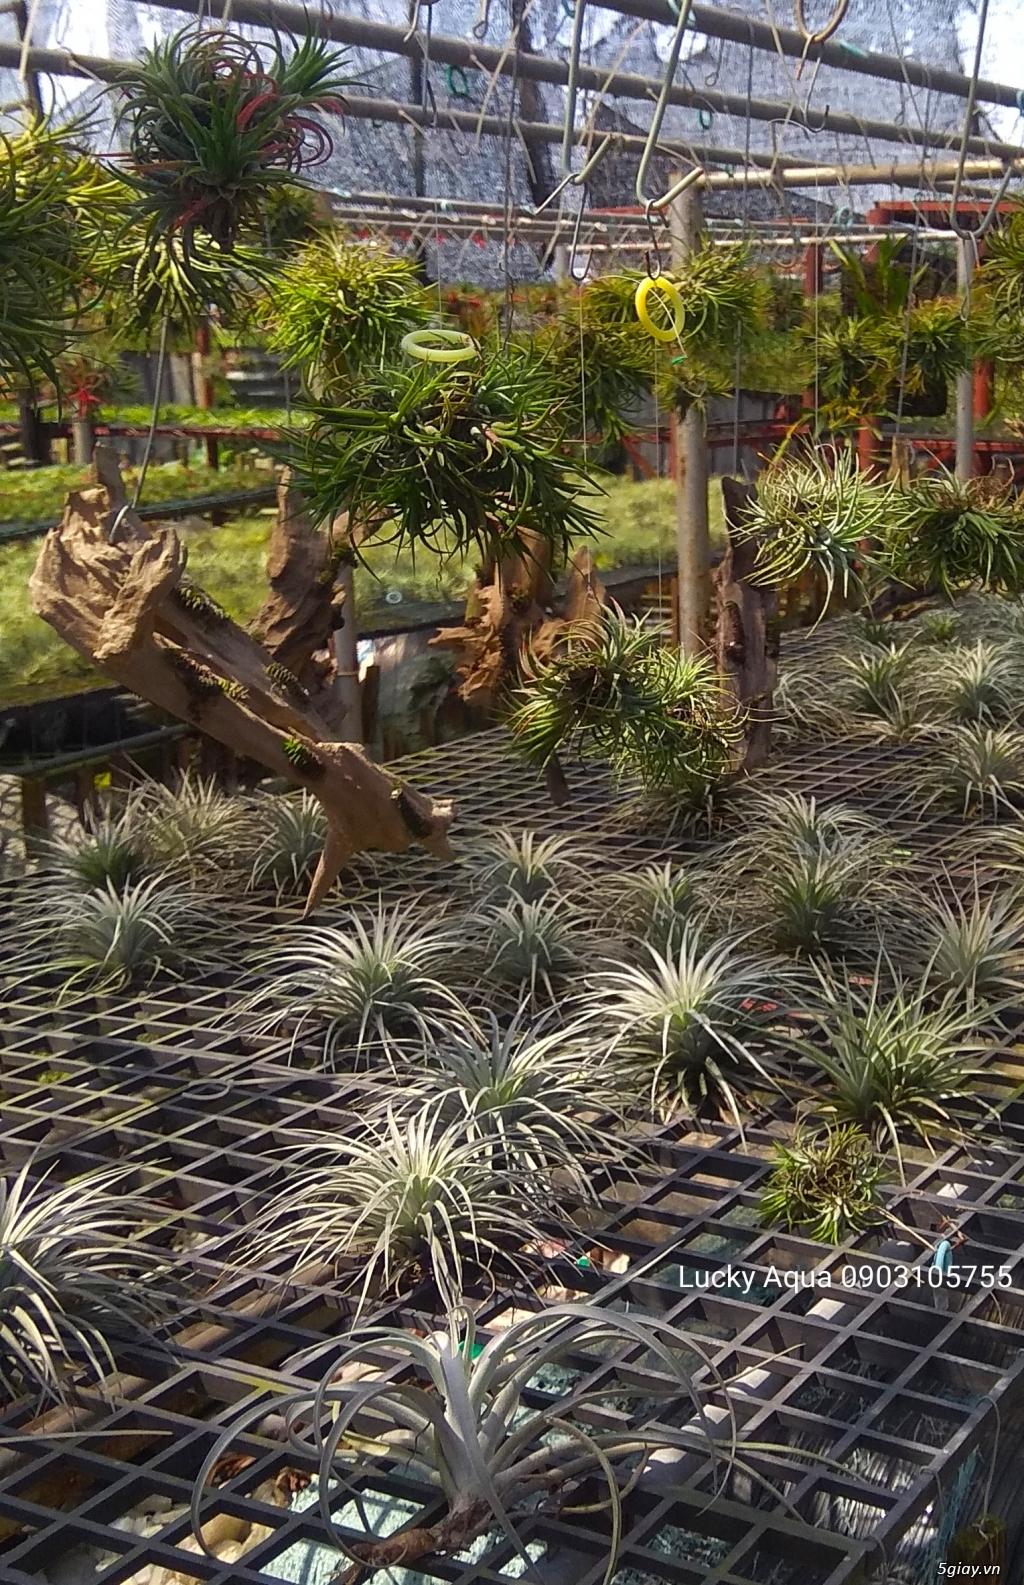 Cây bán cạn , sân vườn , tiểu cảnh hồ koi - 16